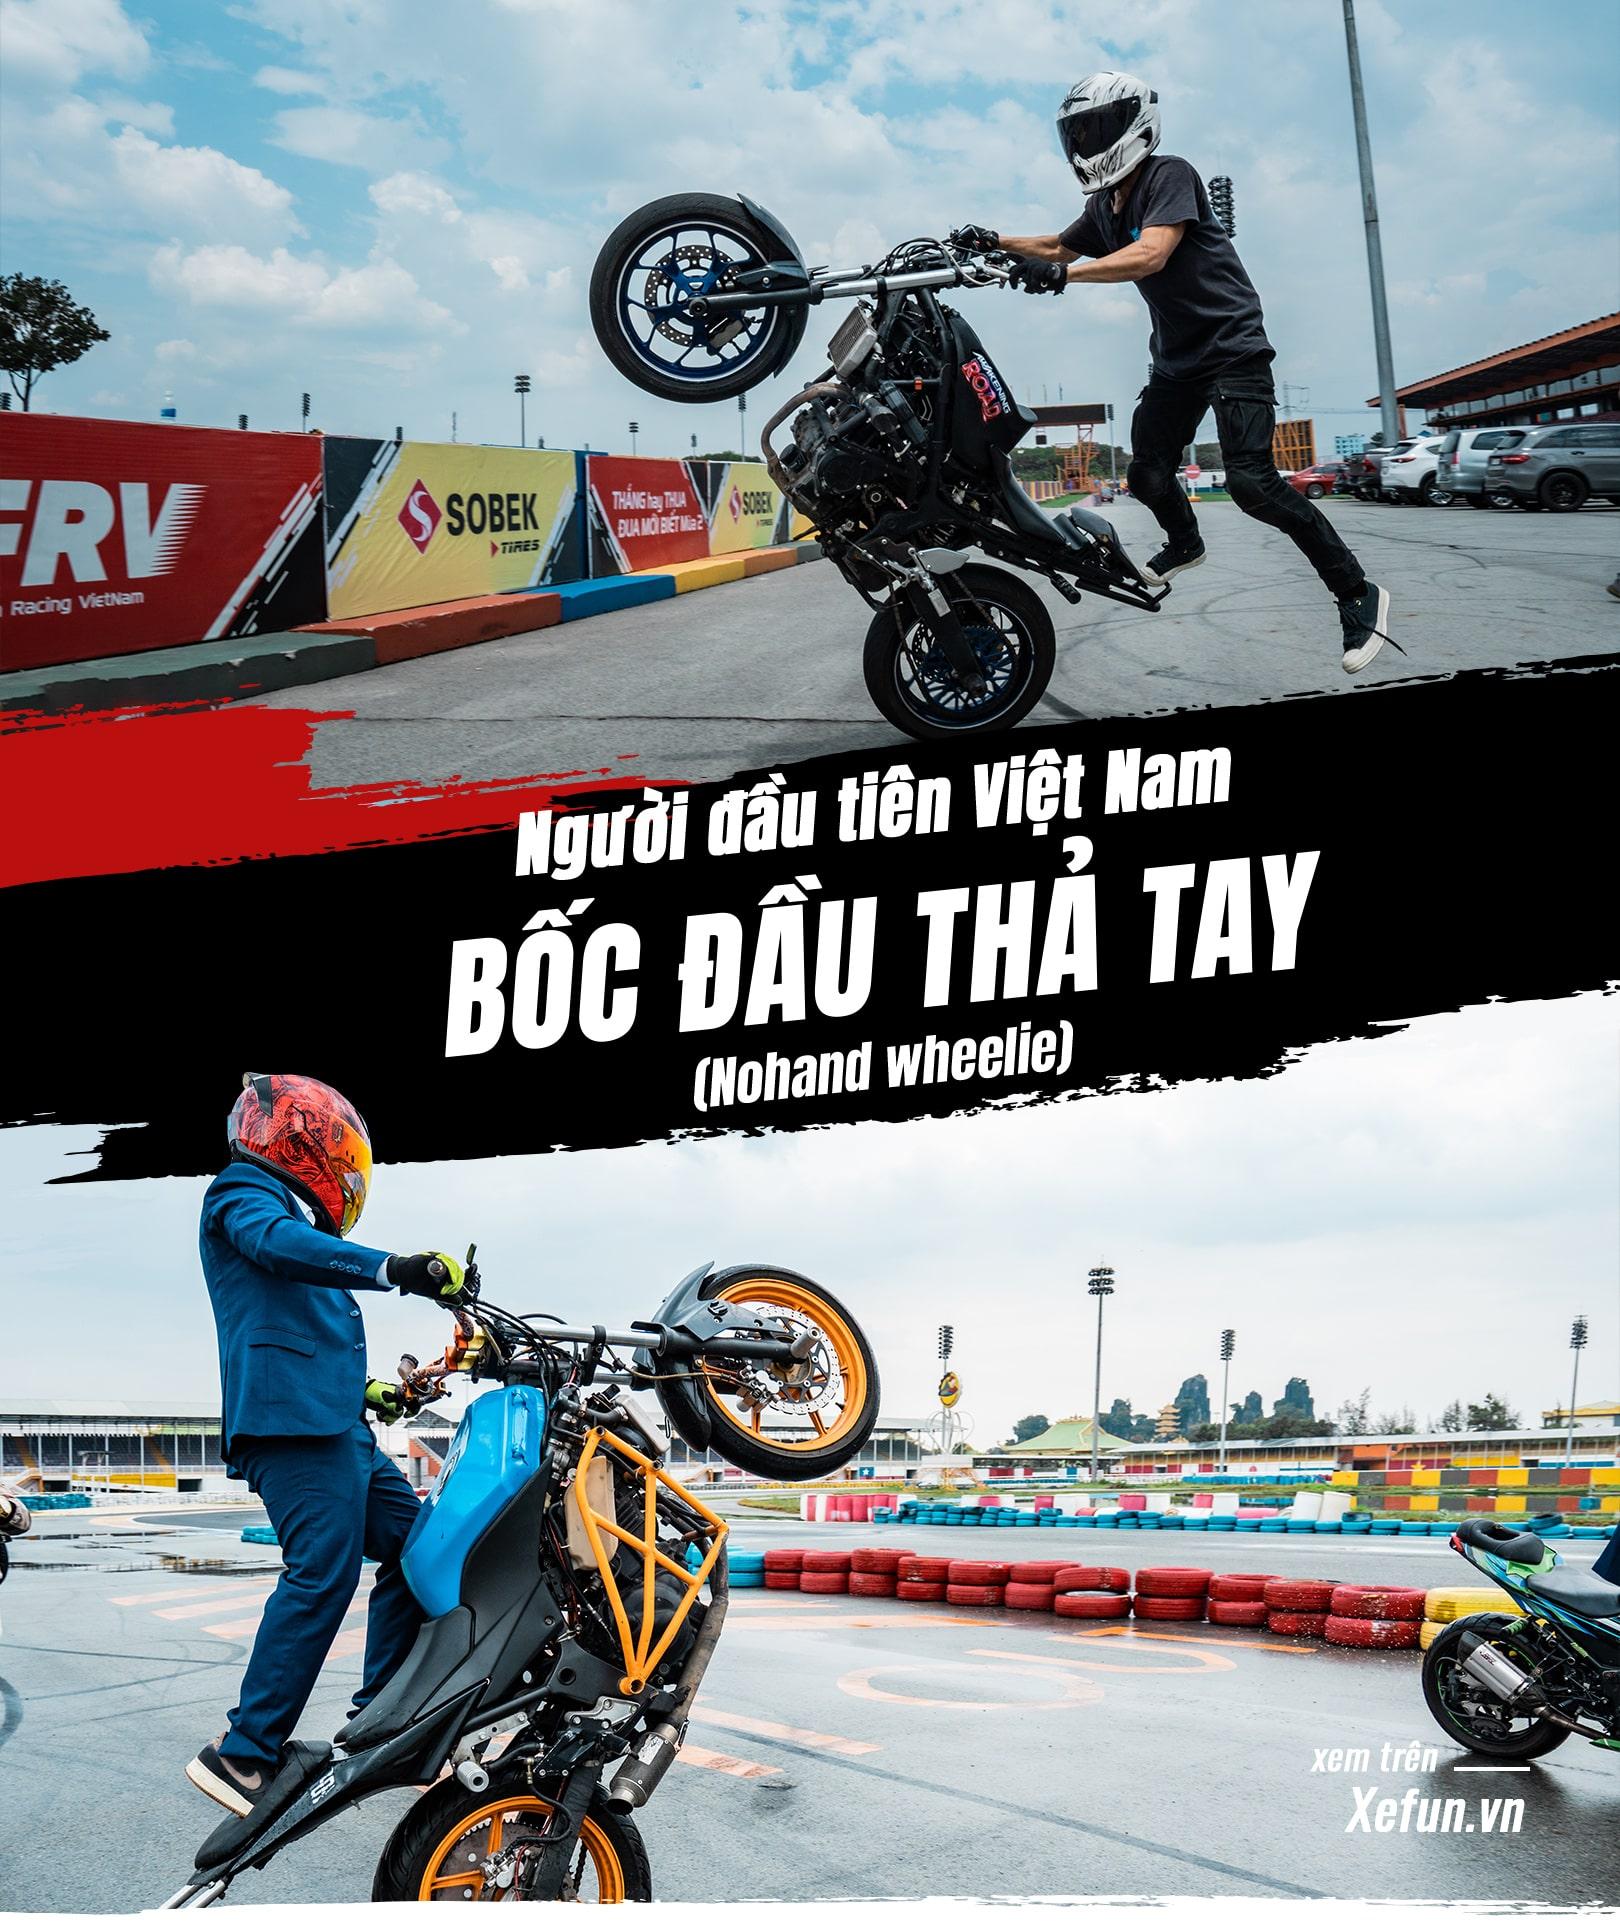 Hanoi Stunt Riders biểu diễn Trường đua Đại Nam giải đua Awakening road trên Xefun - 834t4t5